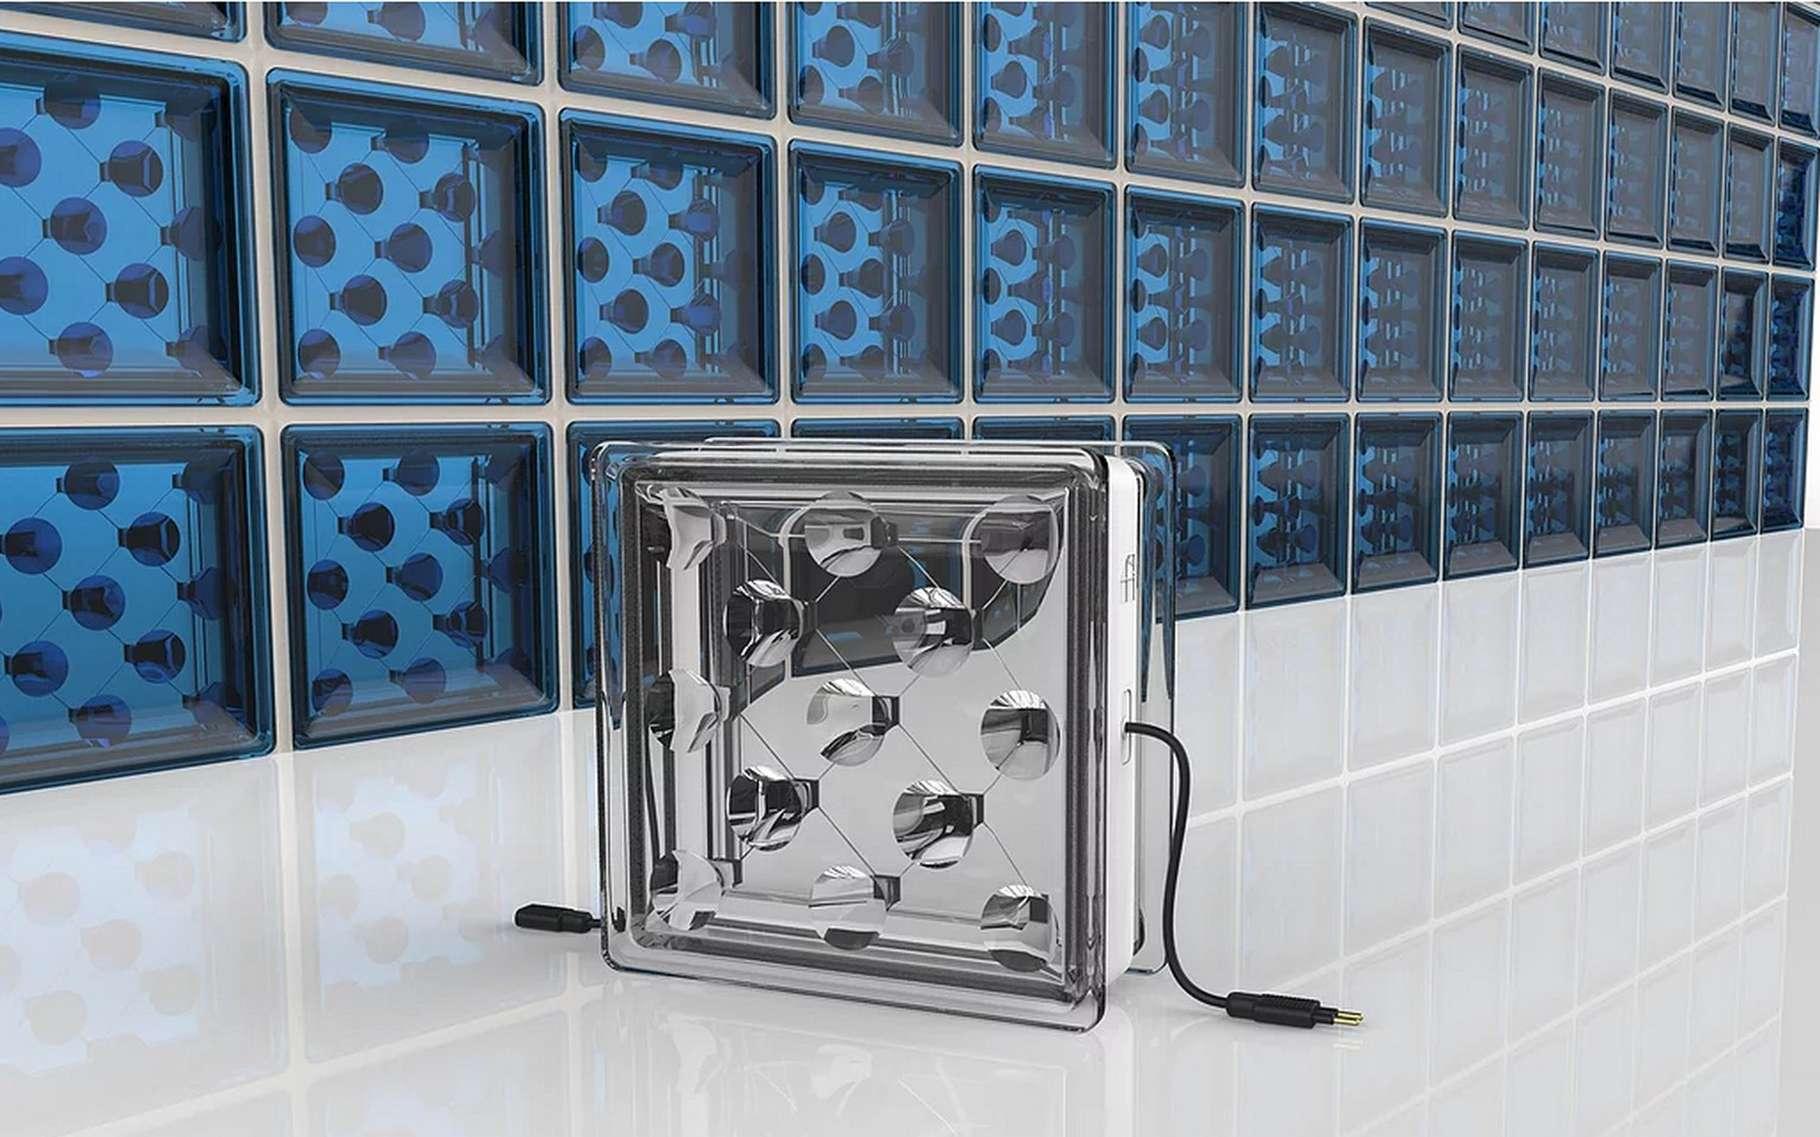 La brique de verre photovoltaïque Solar Squared conçue par la start-up Buil Solar est composée d'un réseau d'optiques qui dirigent les rayons du soleil vers des cellules photovoltaïques. © Build Solar